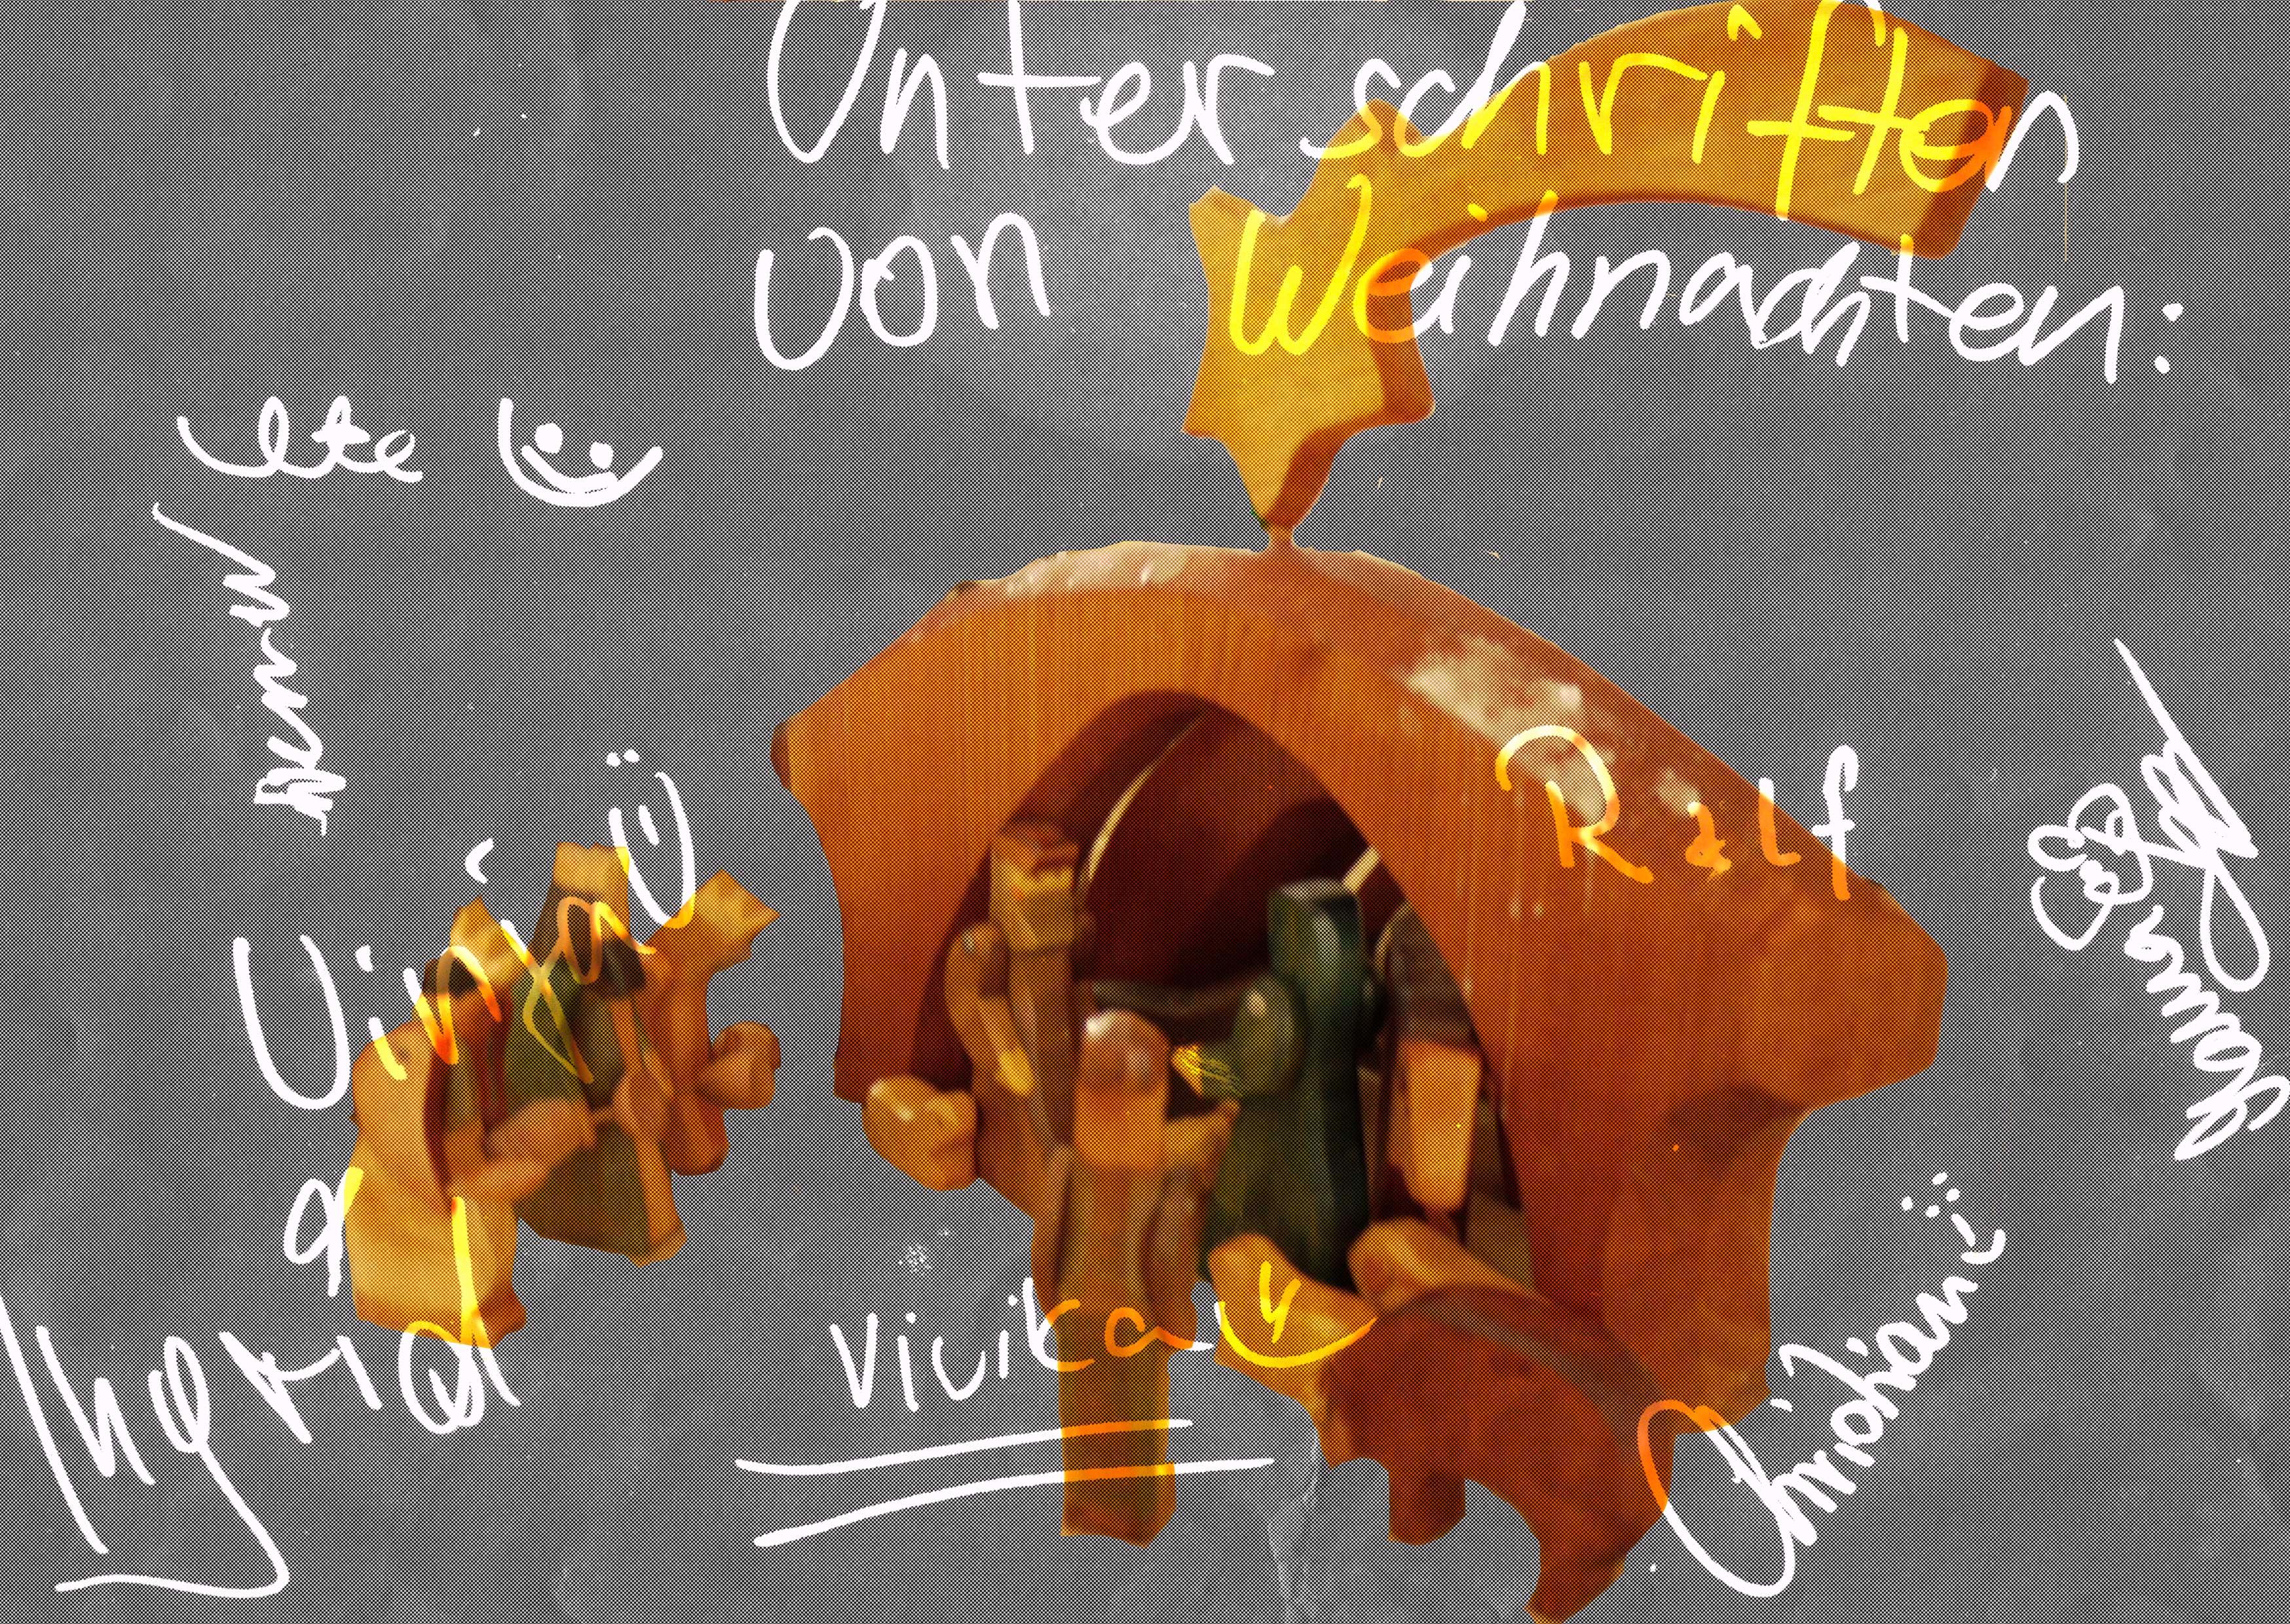 zusammenhalt-20151226_wir-feiern-weihnachten-in-bonn_vvvc-uw-ir_und-krippe